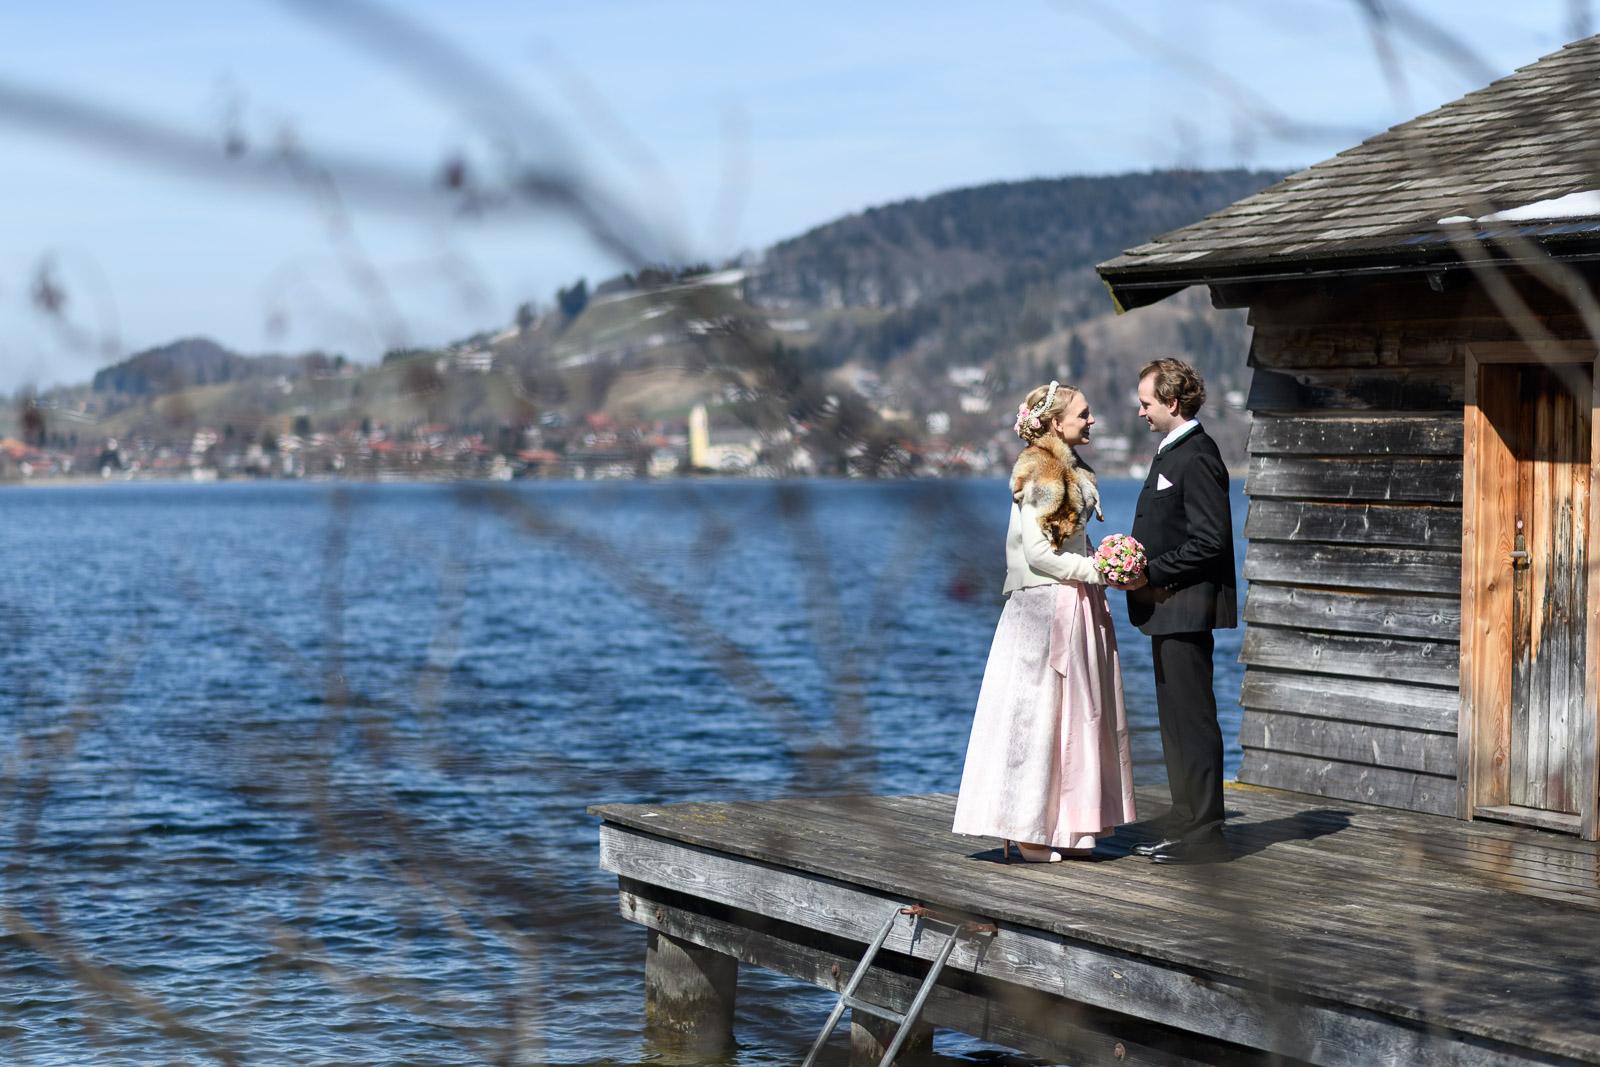 Hochzeit am Schliersee, Steg, Landschaft